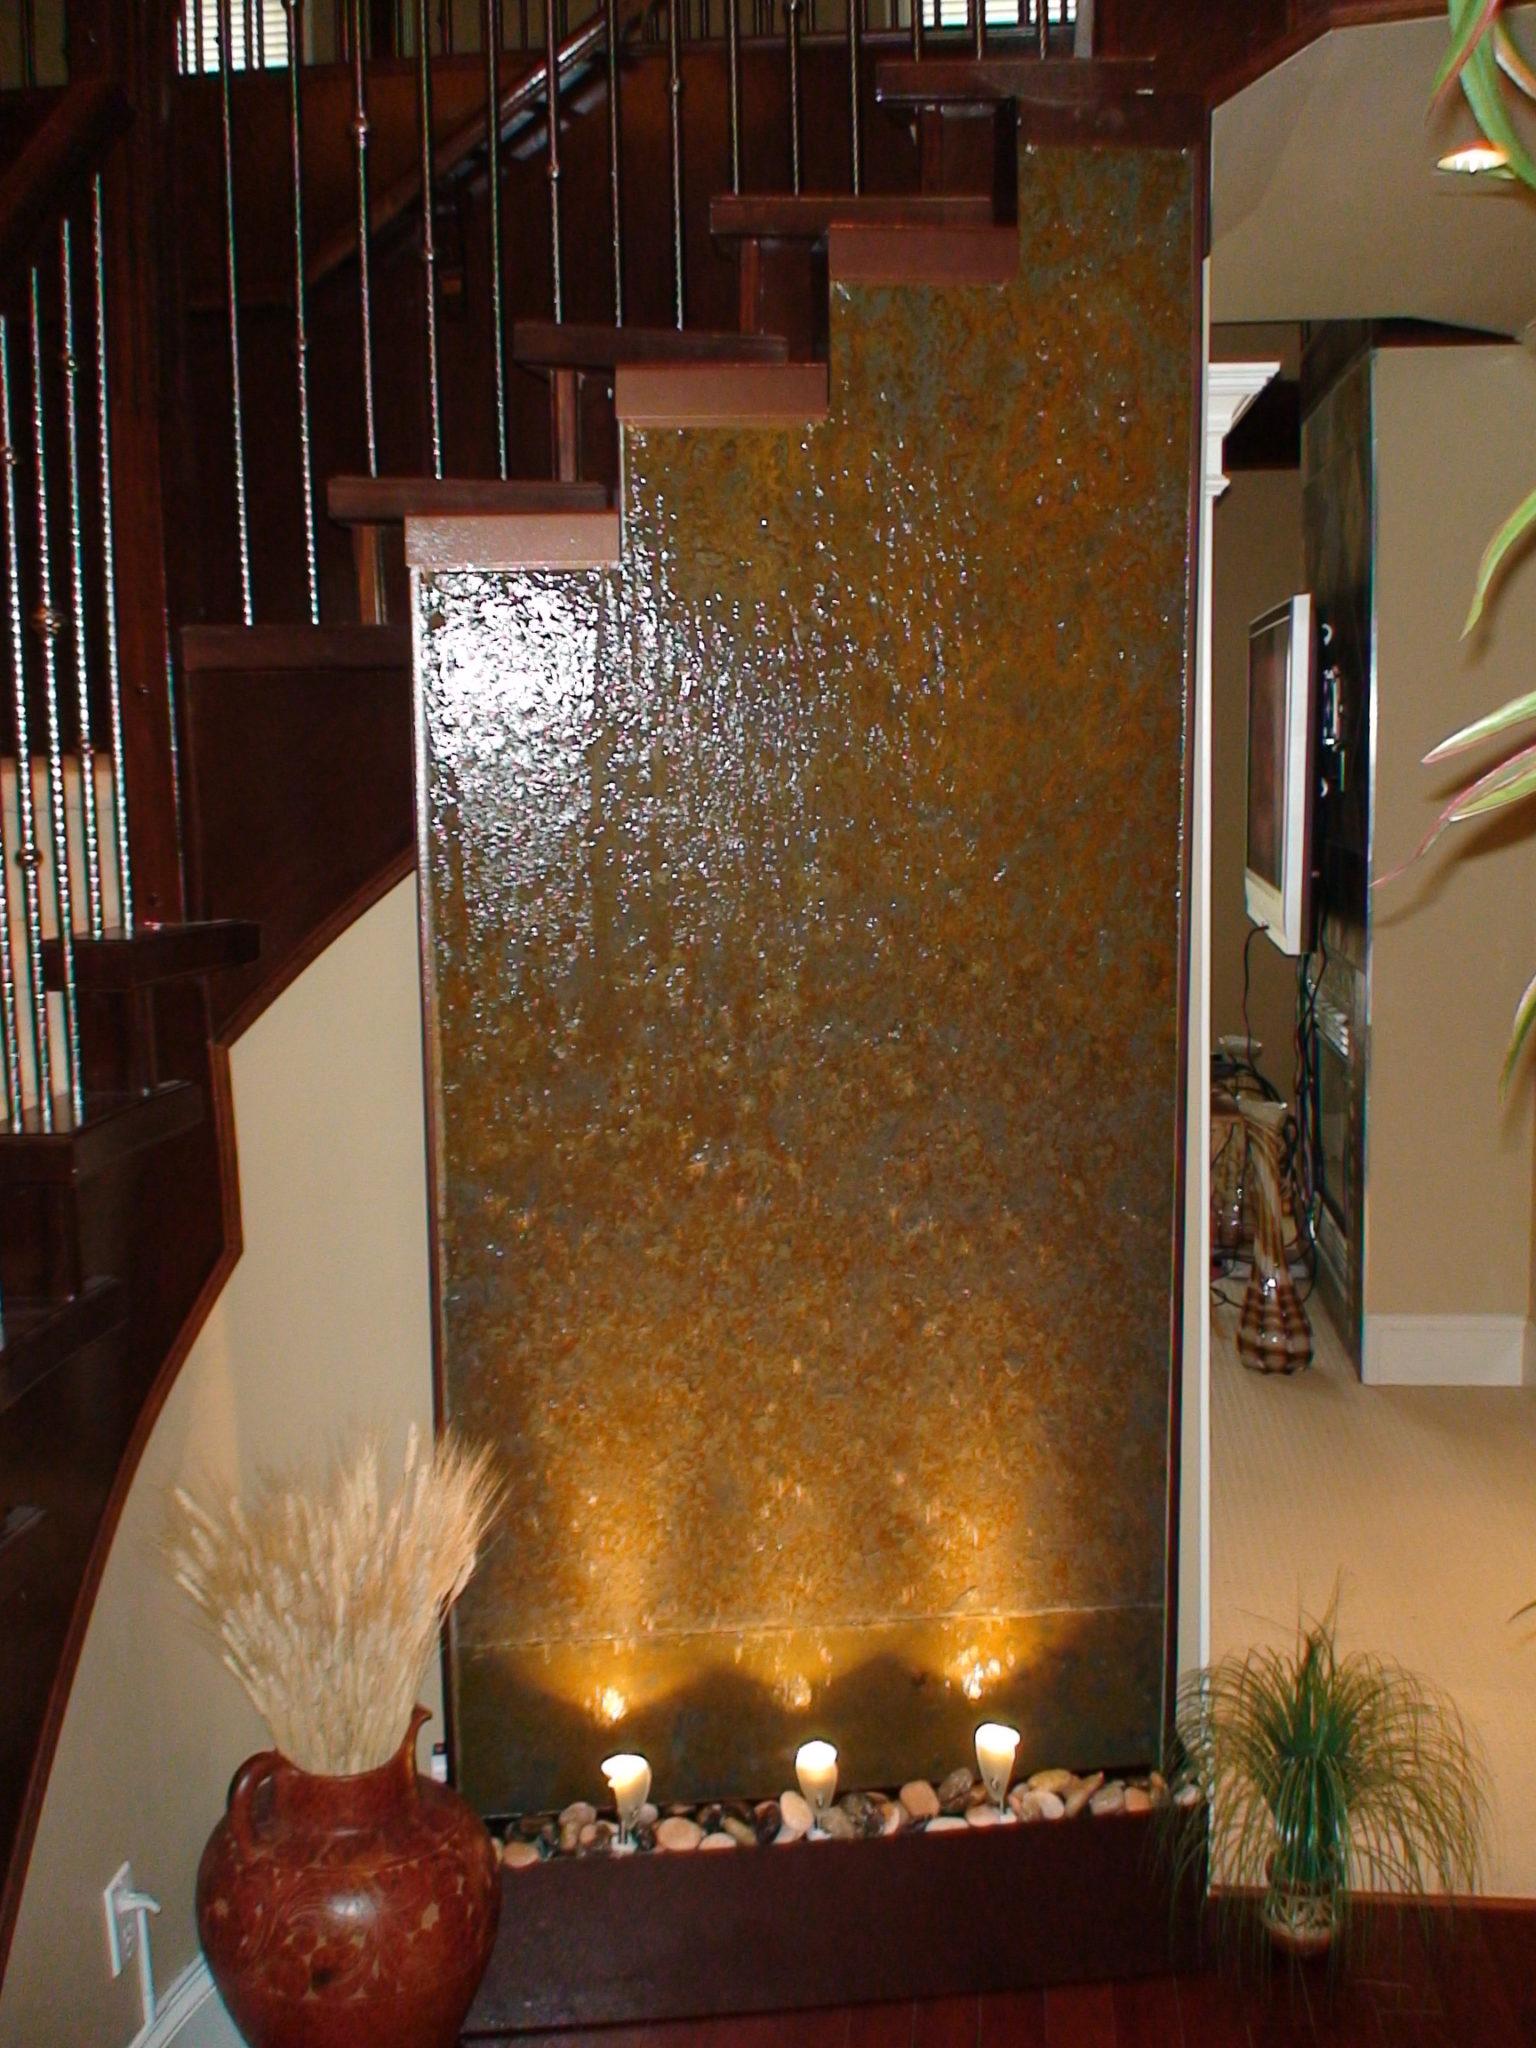 Water Fountain Indoor: Indoor Water Features, Waterfalls, Fountains